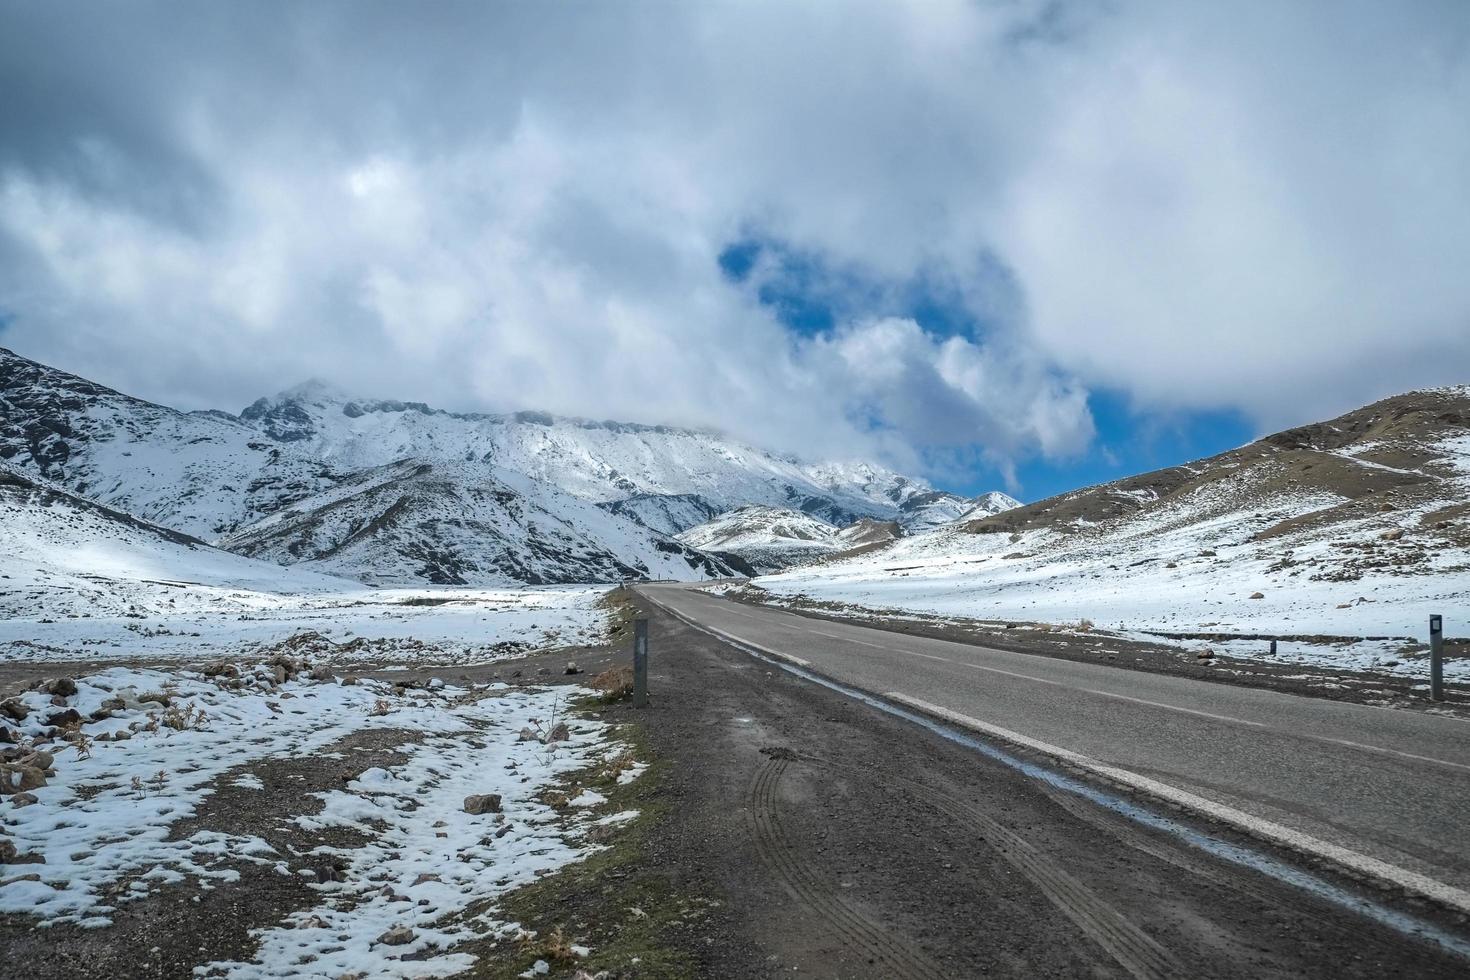 une route au milieu d'une chaîne de montagnes enneigées photo